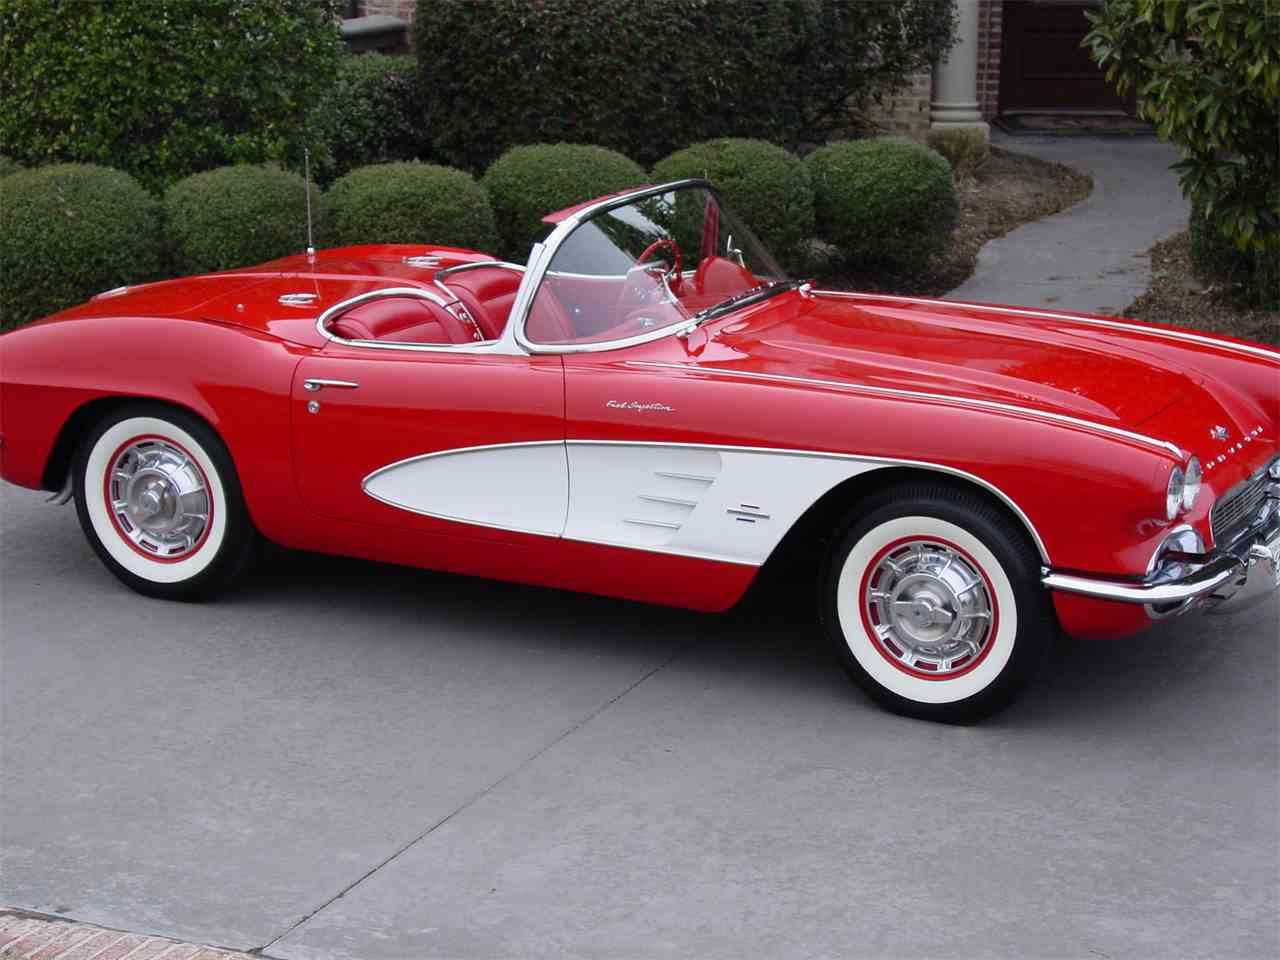 Restorable Old Corvettes For Sale Html Autos Post